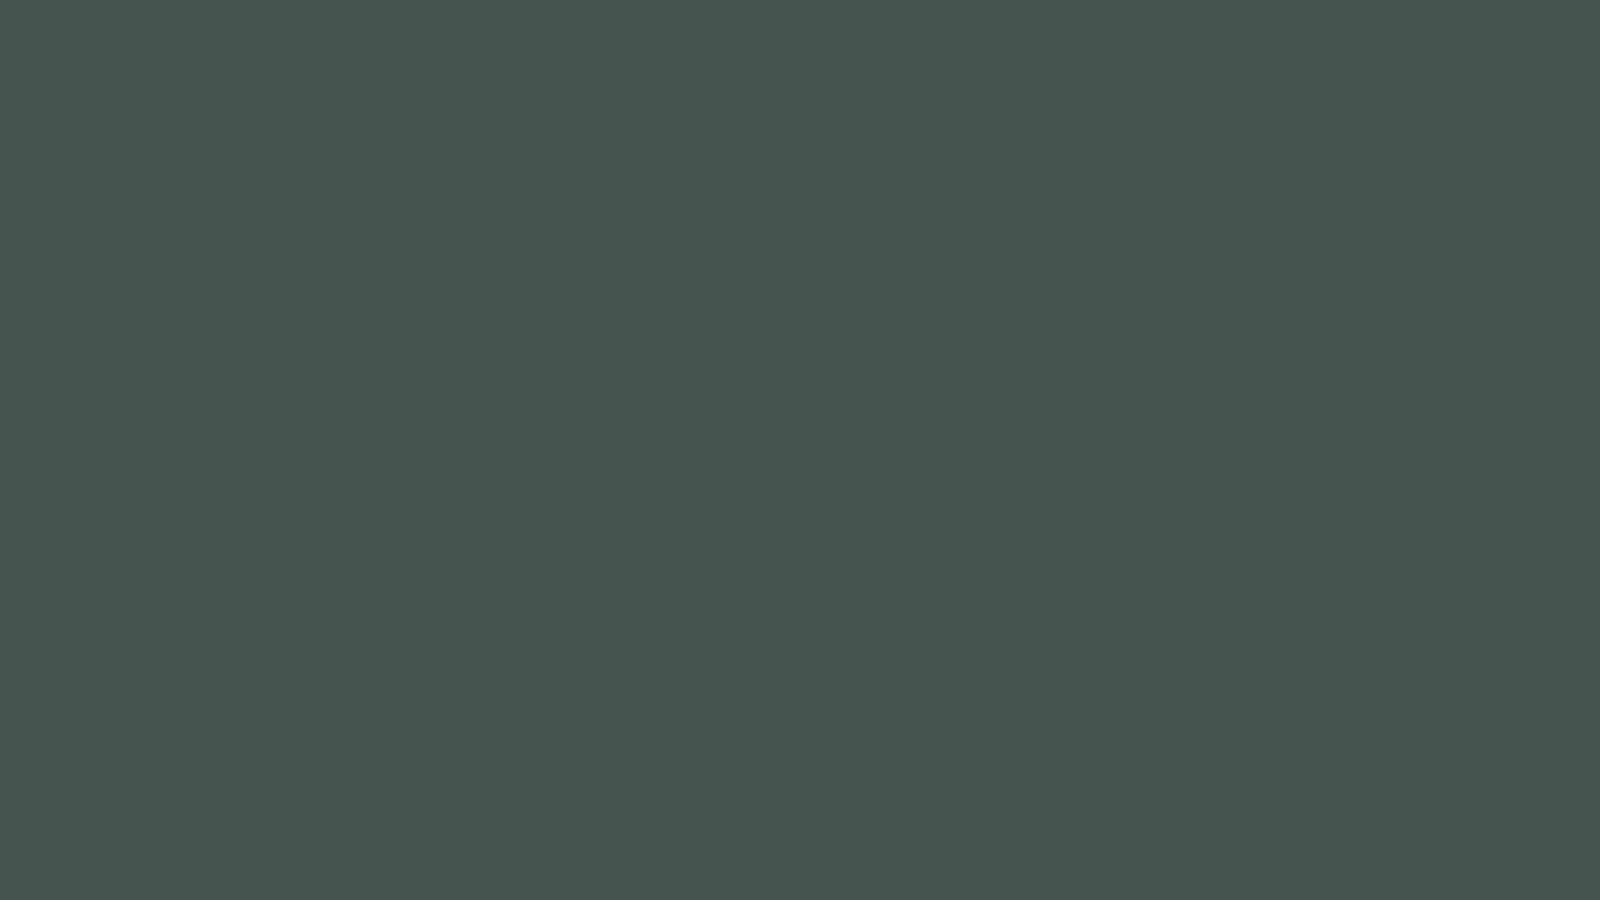 Лента ABS 116 Матовая 27х1мм, Grigio Piombo (темно-серый)